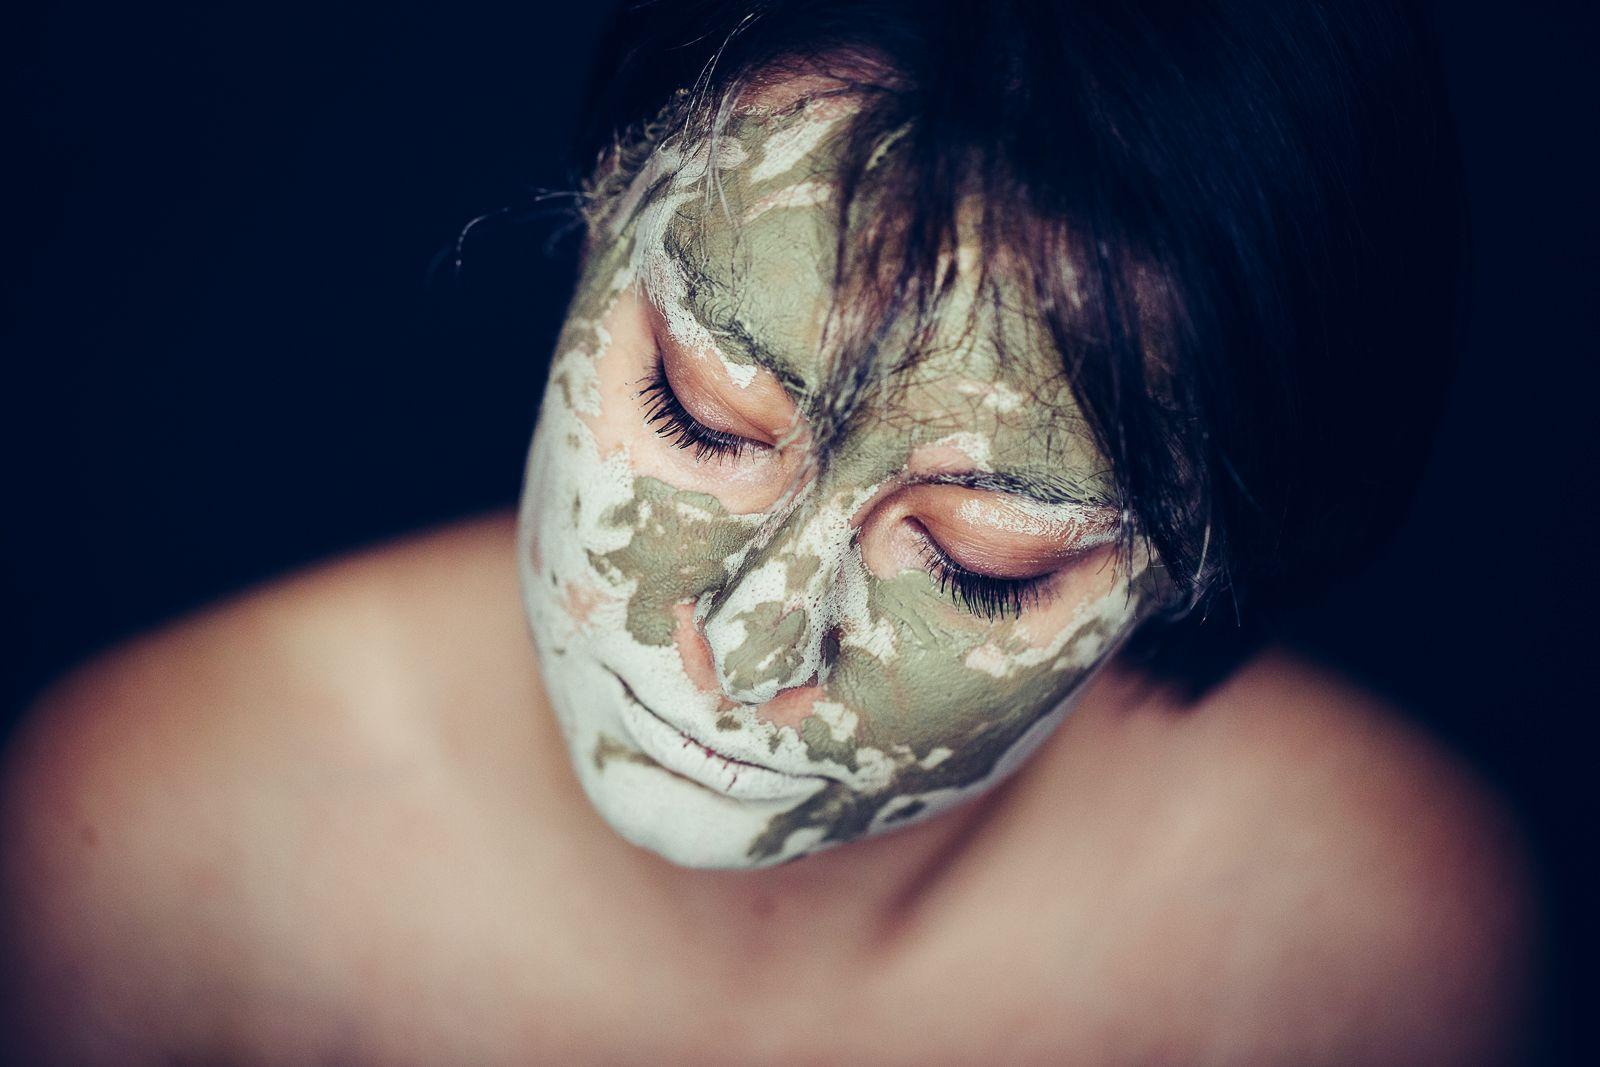 pochestorie-mad-mud-portrait-7.jpg